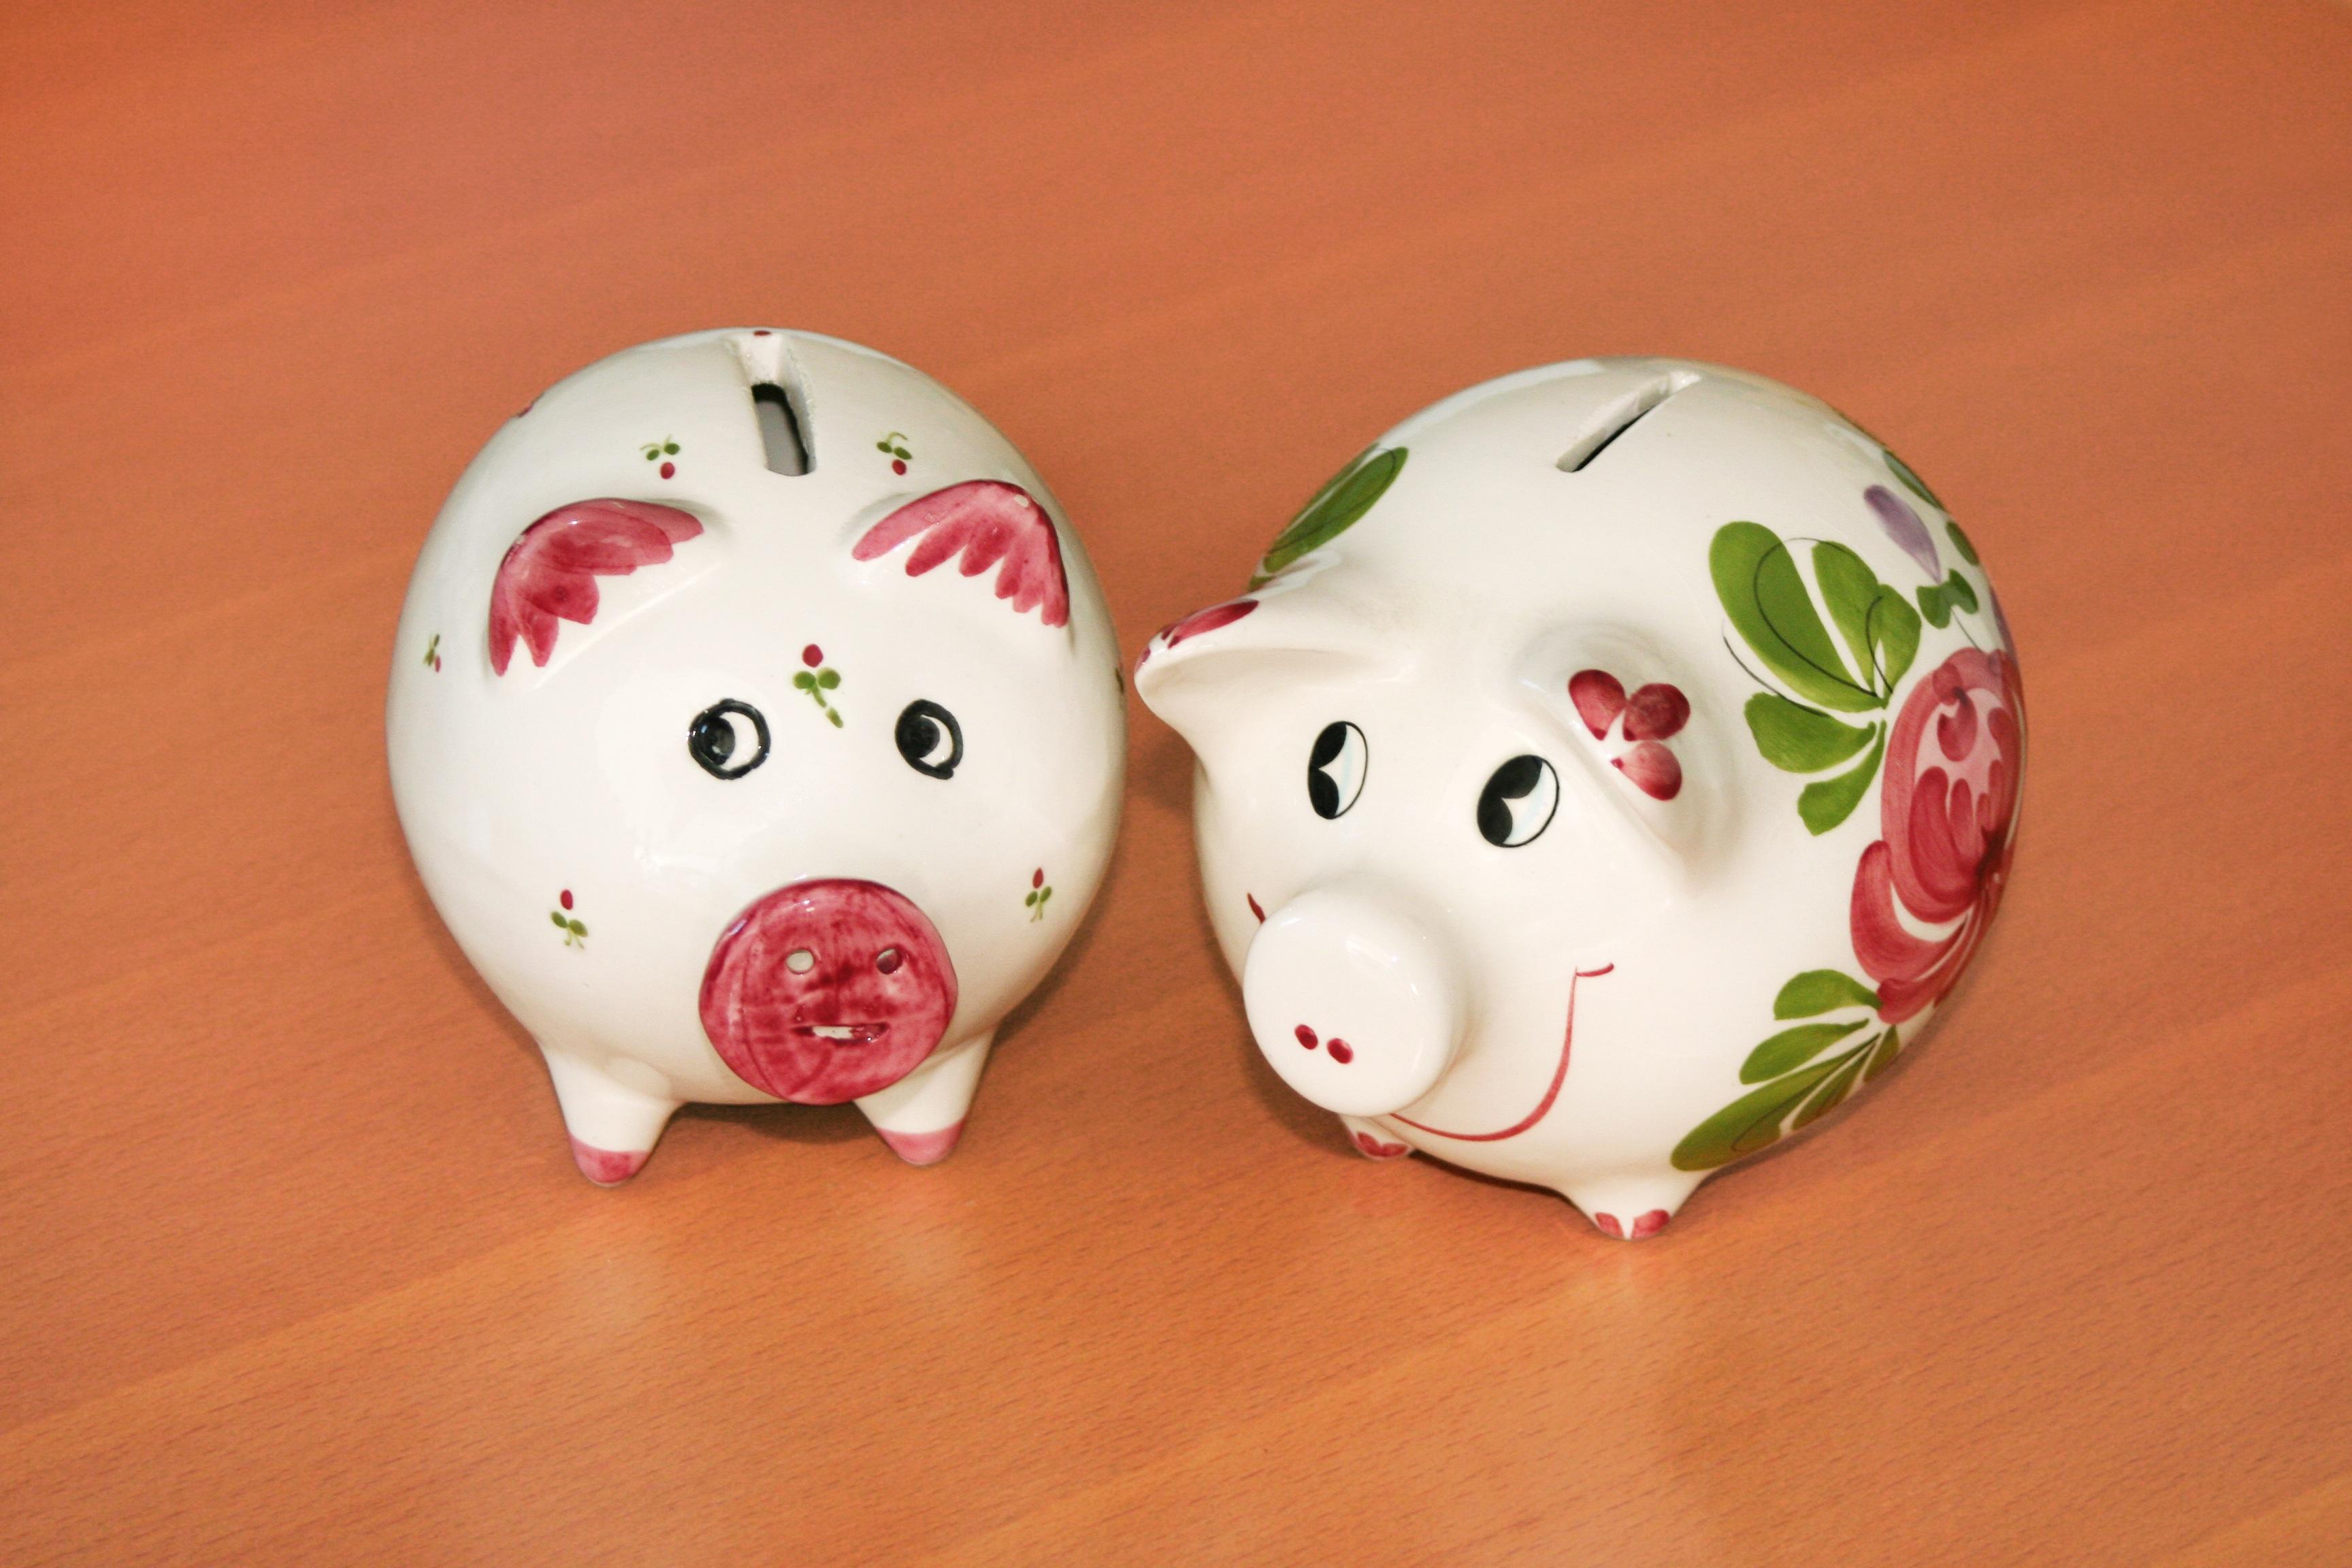 Gambar : makanan, keramik, uang, berwarna merah muda, anak ...